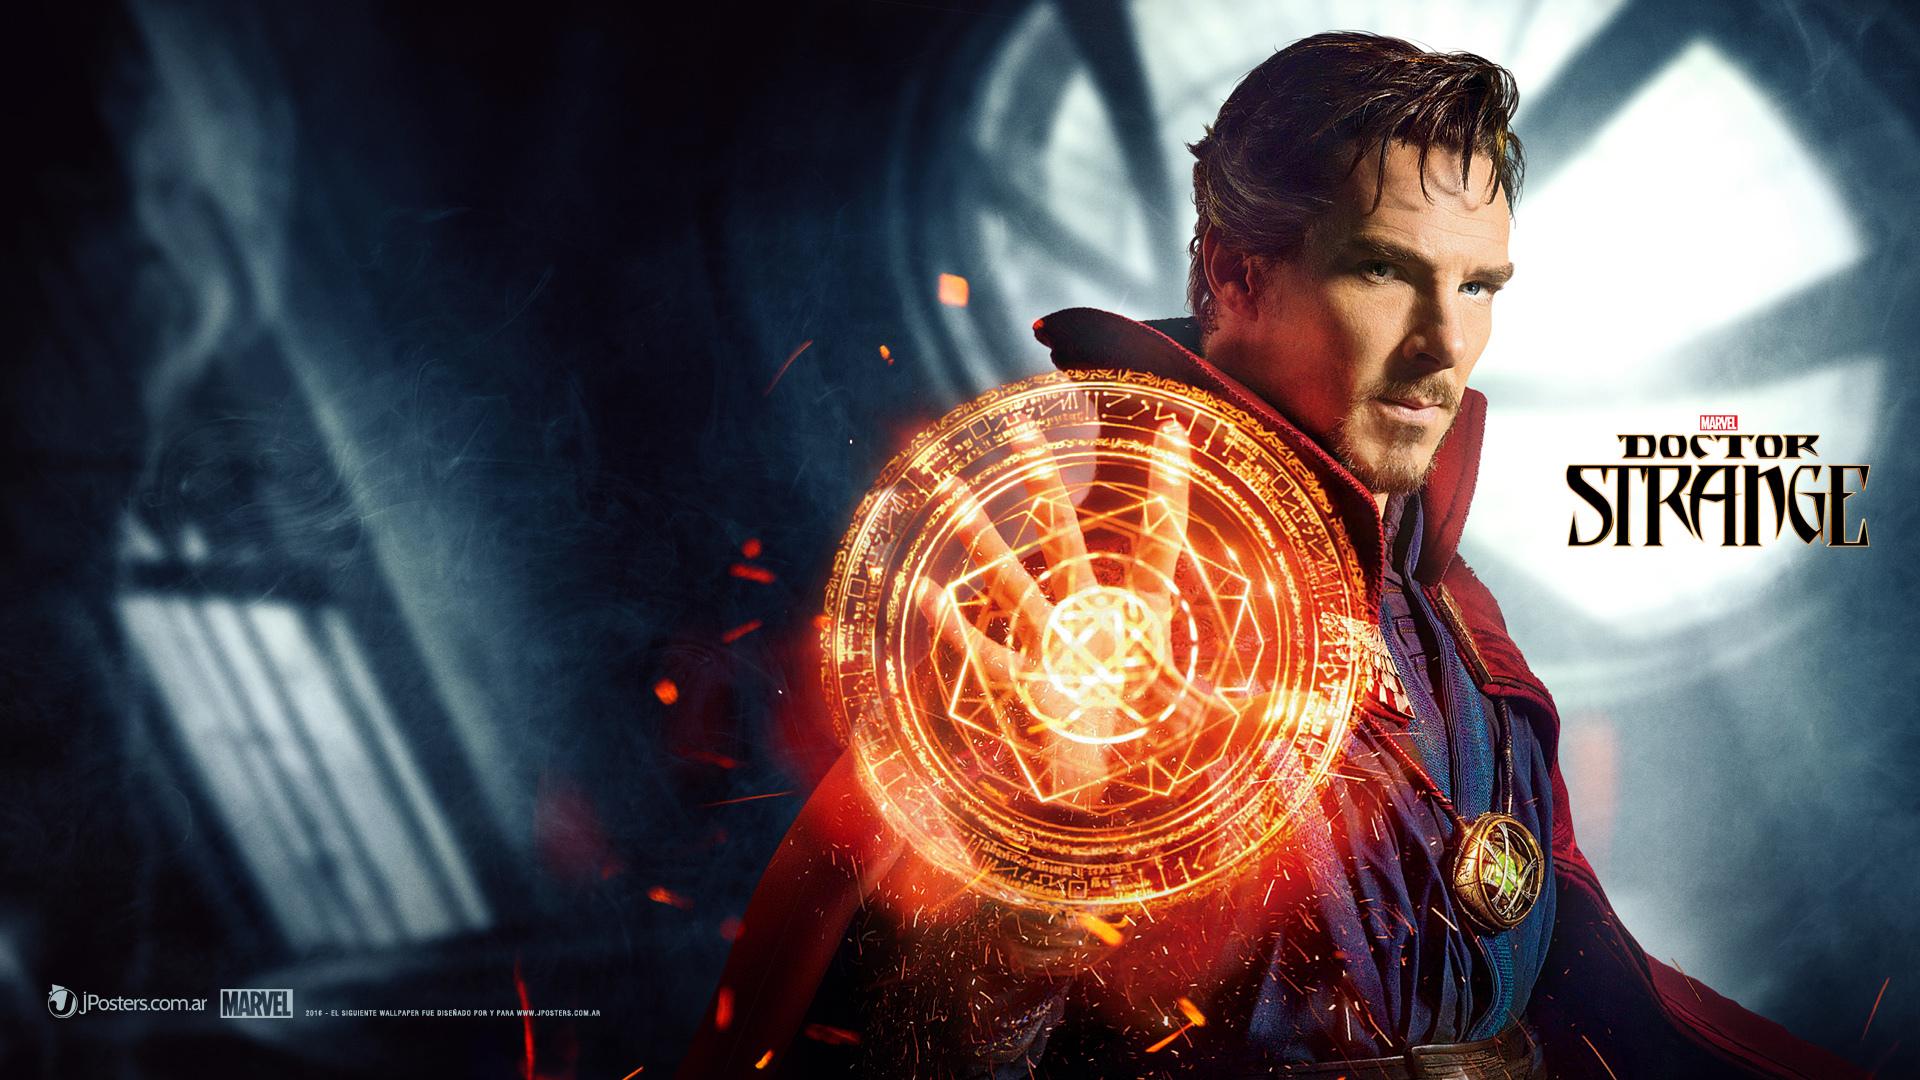 漫威最新英雄电影《奇异博士》(doctor strange)将在4号中美同步